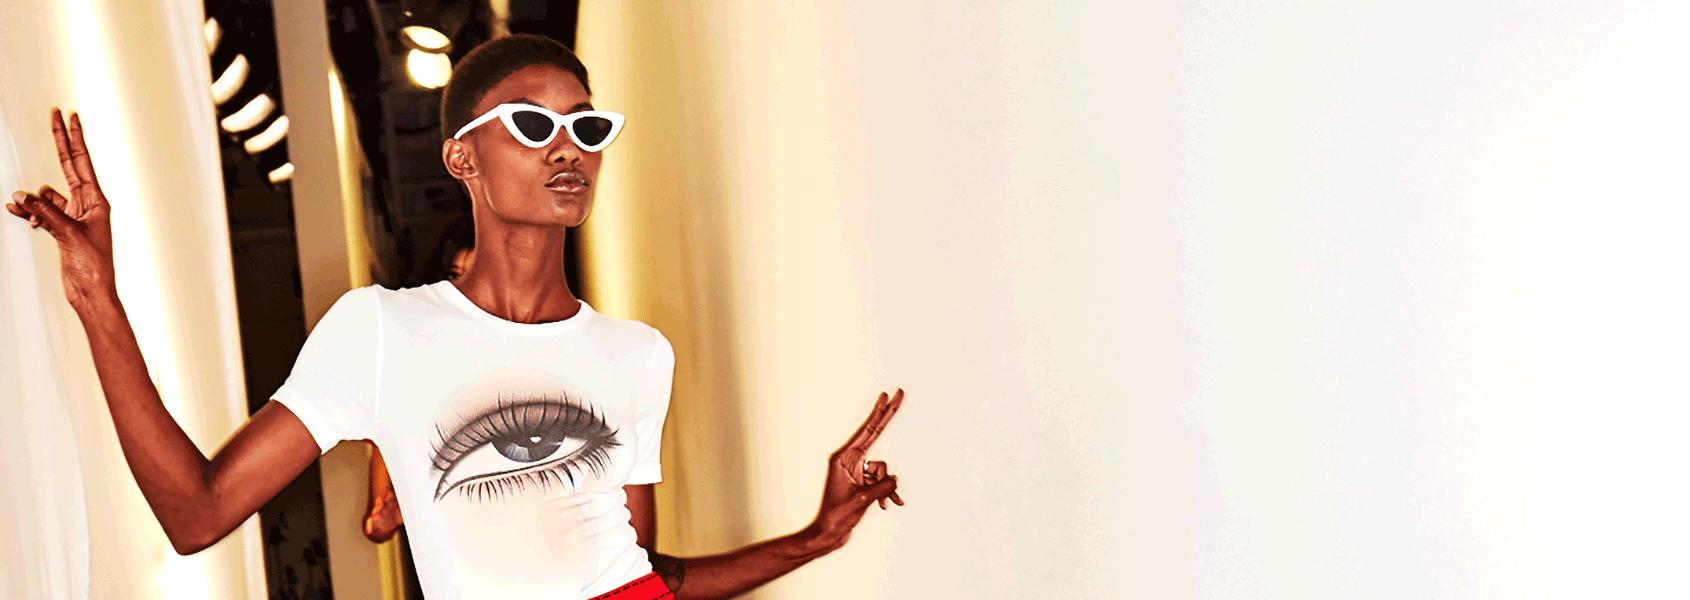 Ein Model auf der SS 2018 Adam Selman Show in New York trägt Kitty Eyes Sonnenbrillen.